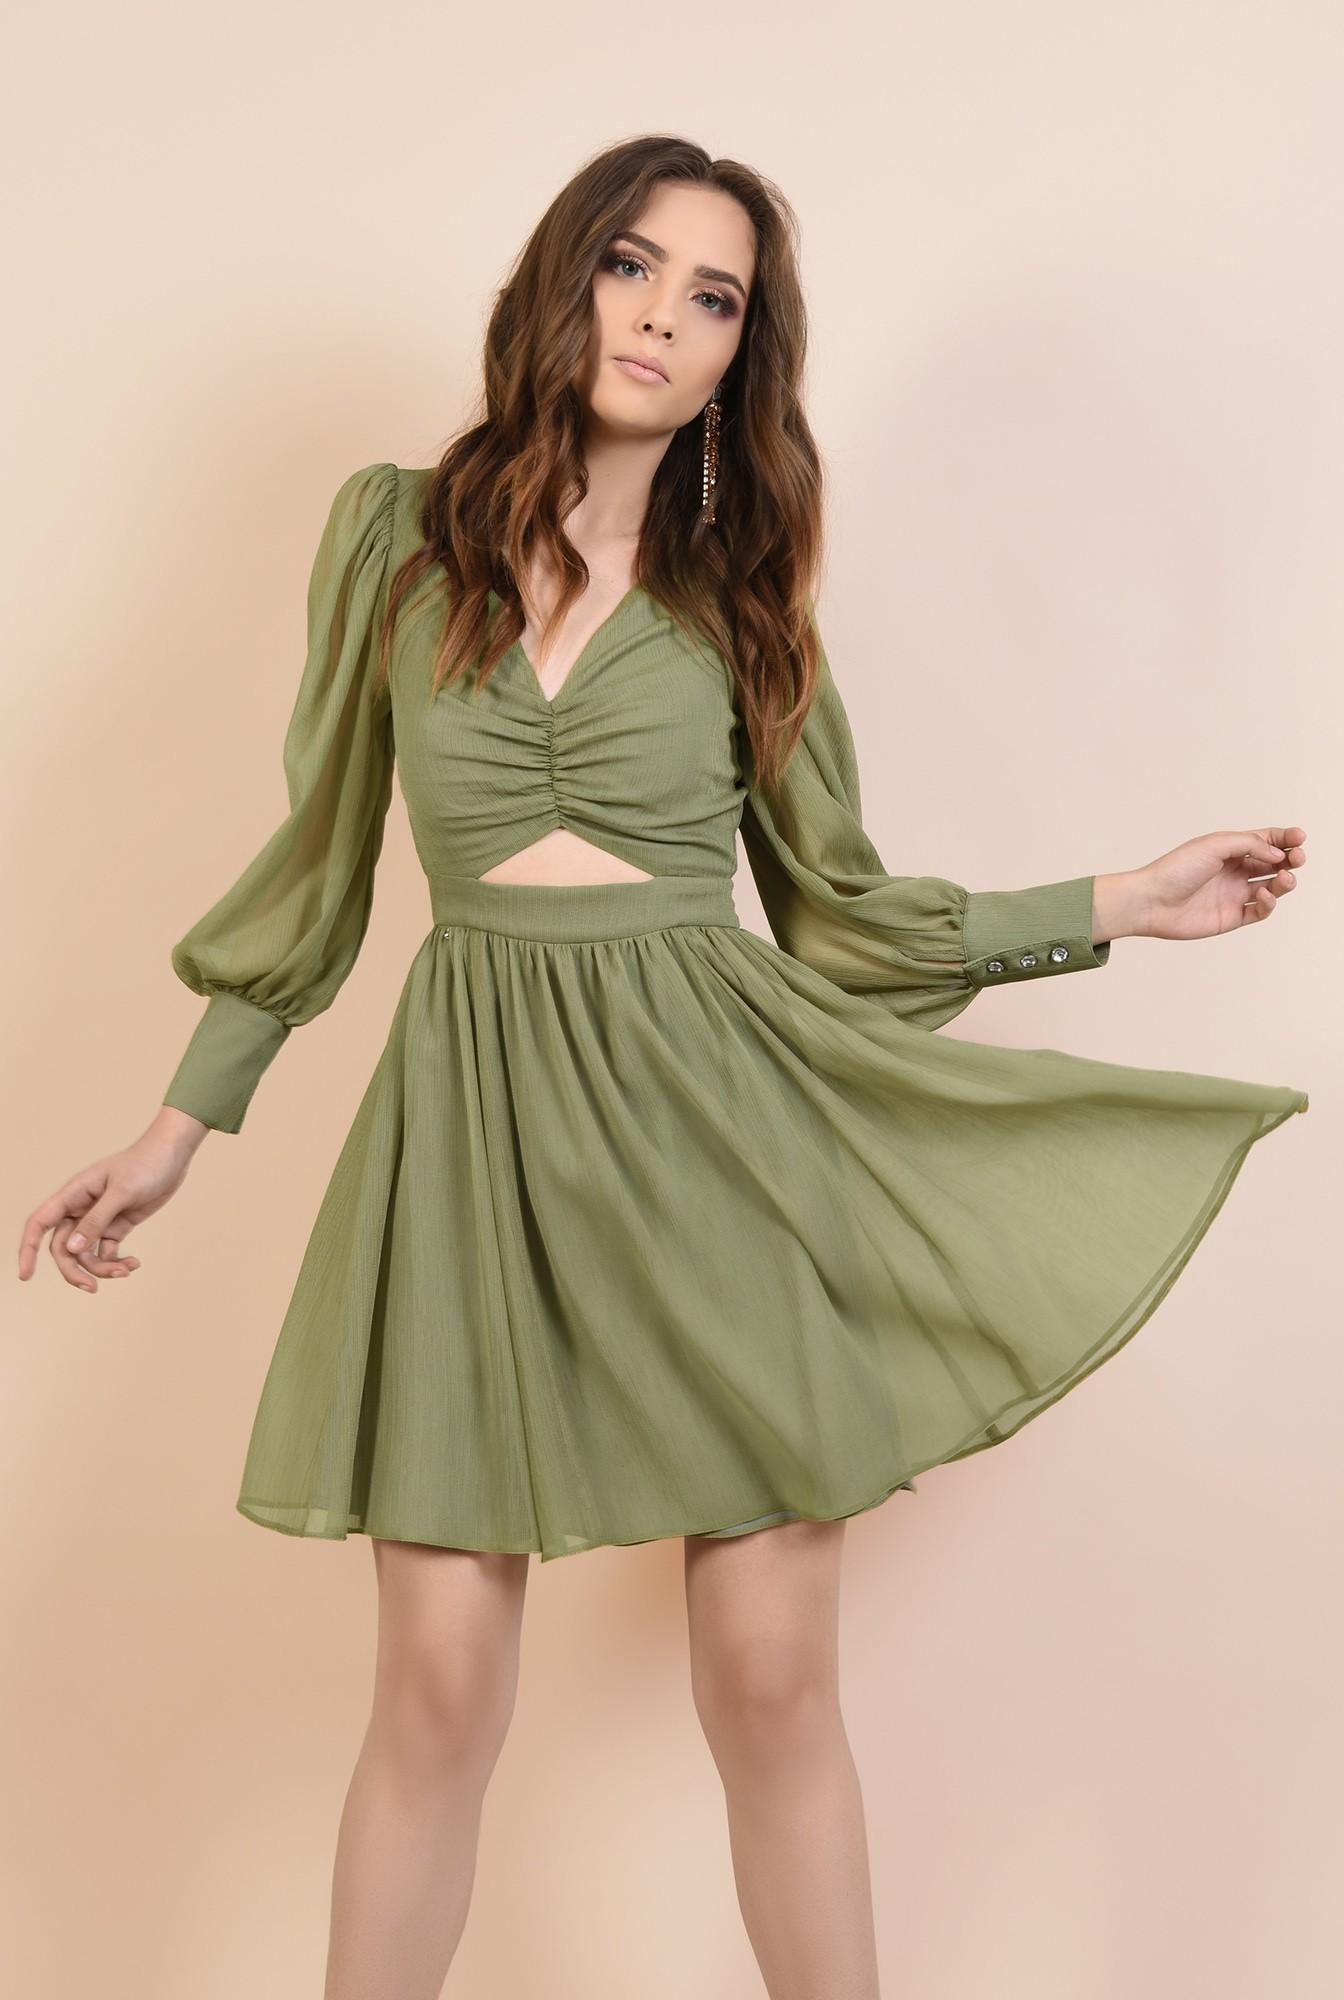 0 - 360 - rochie eleganta, din voal creponat, kaki, scurta, cu decupaj la talie